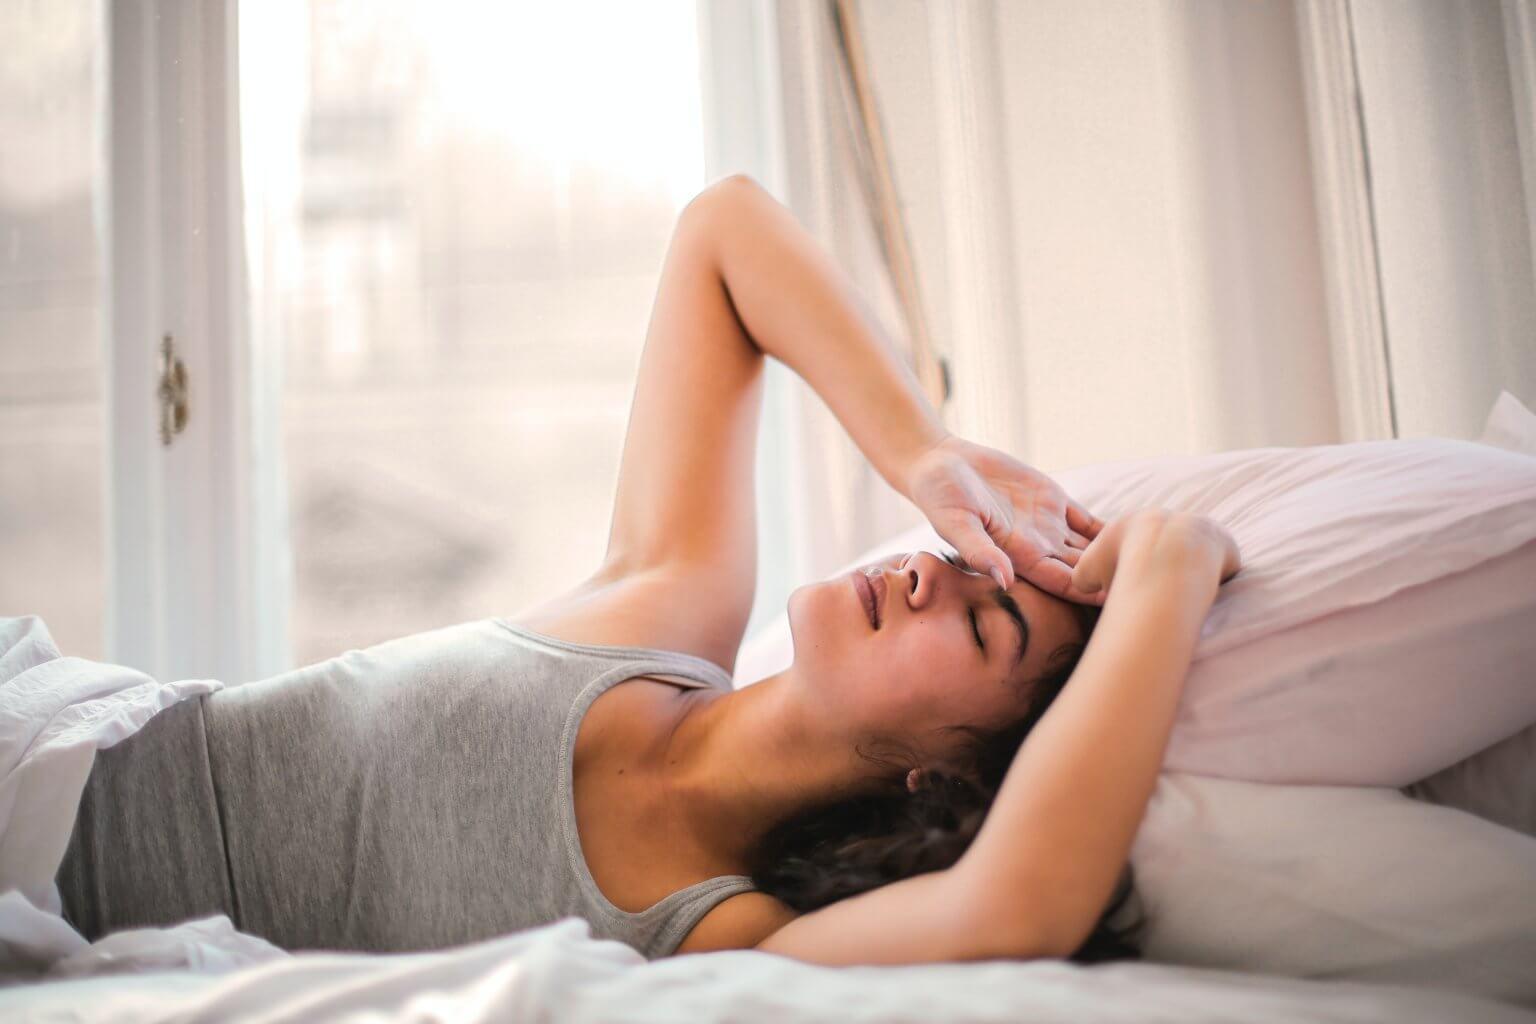 שינה רצופה היא הגנה טבעית המחזקת את כל מערכות הגוף